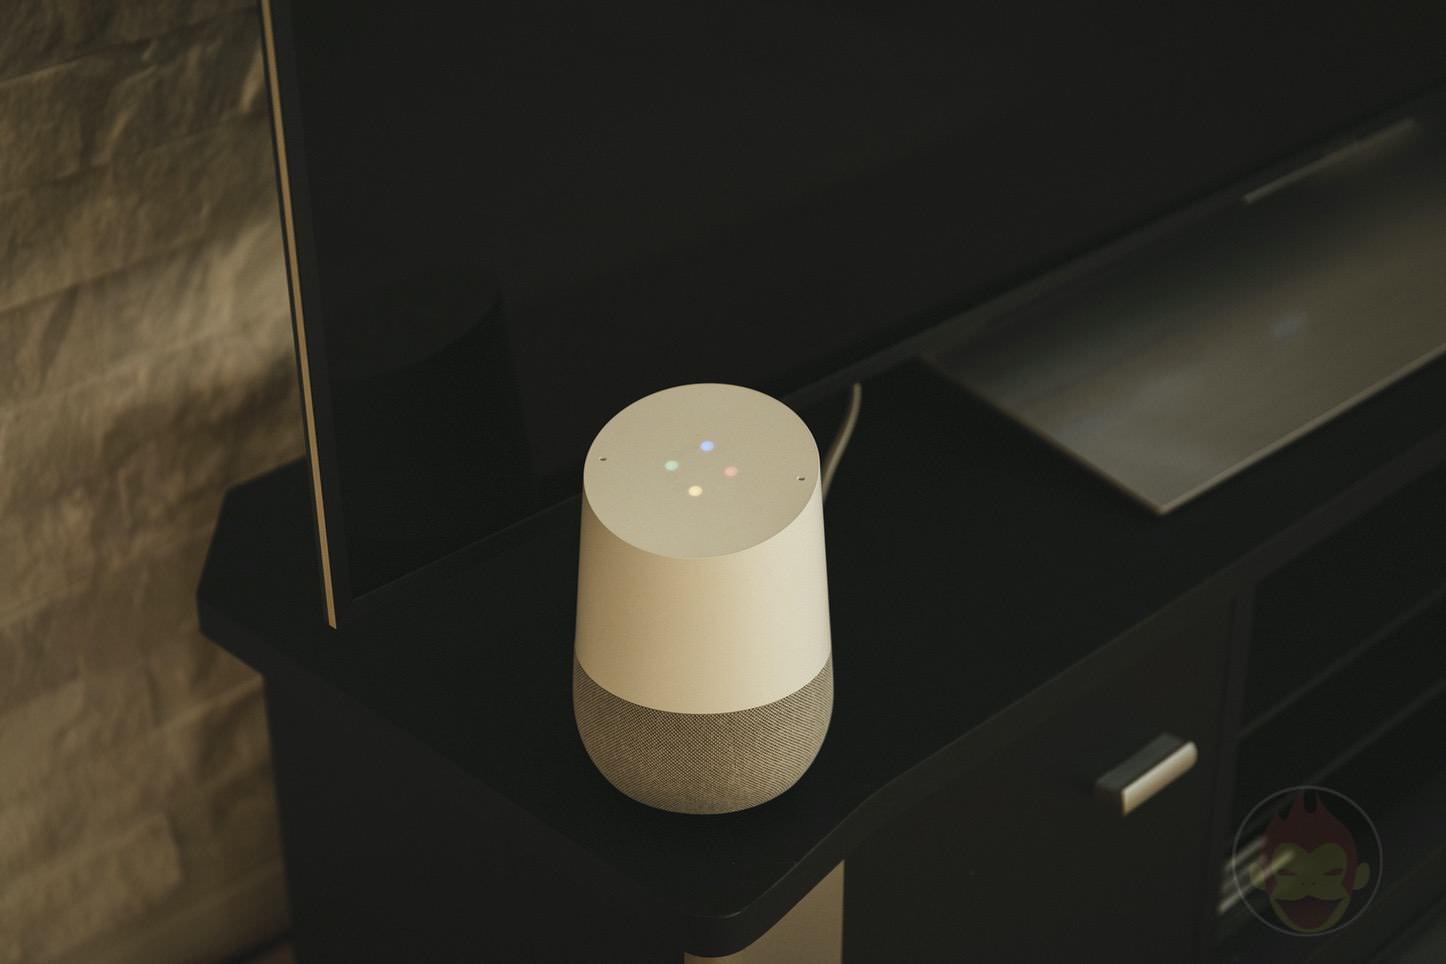 Google Home Next to TV